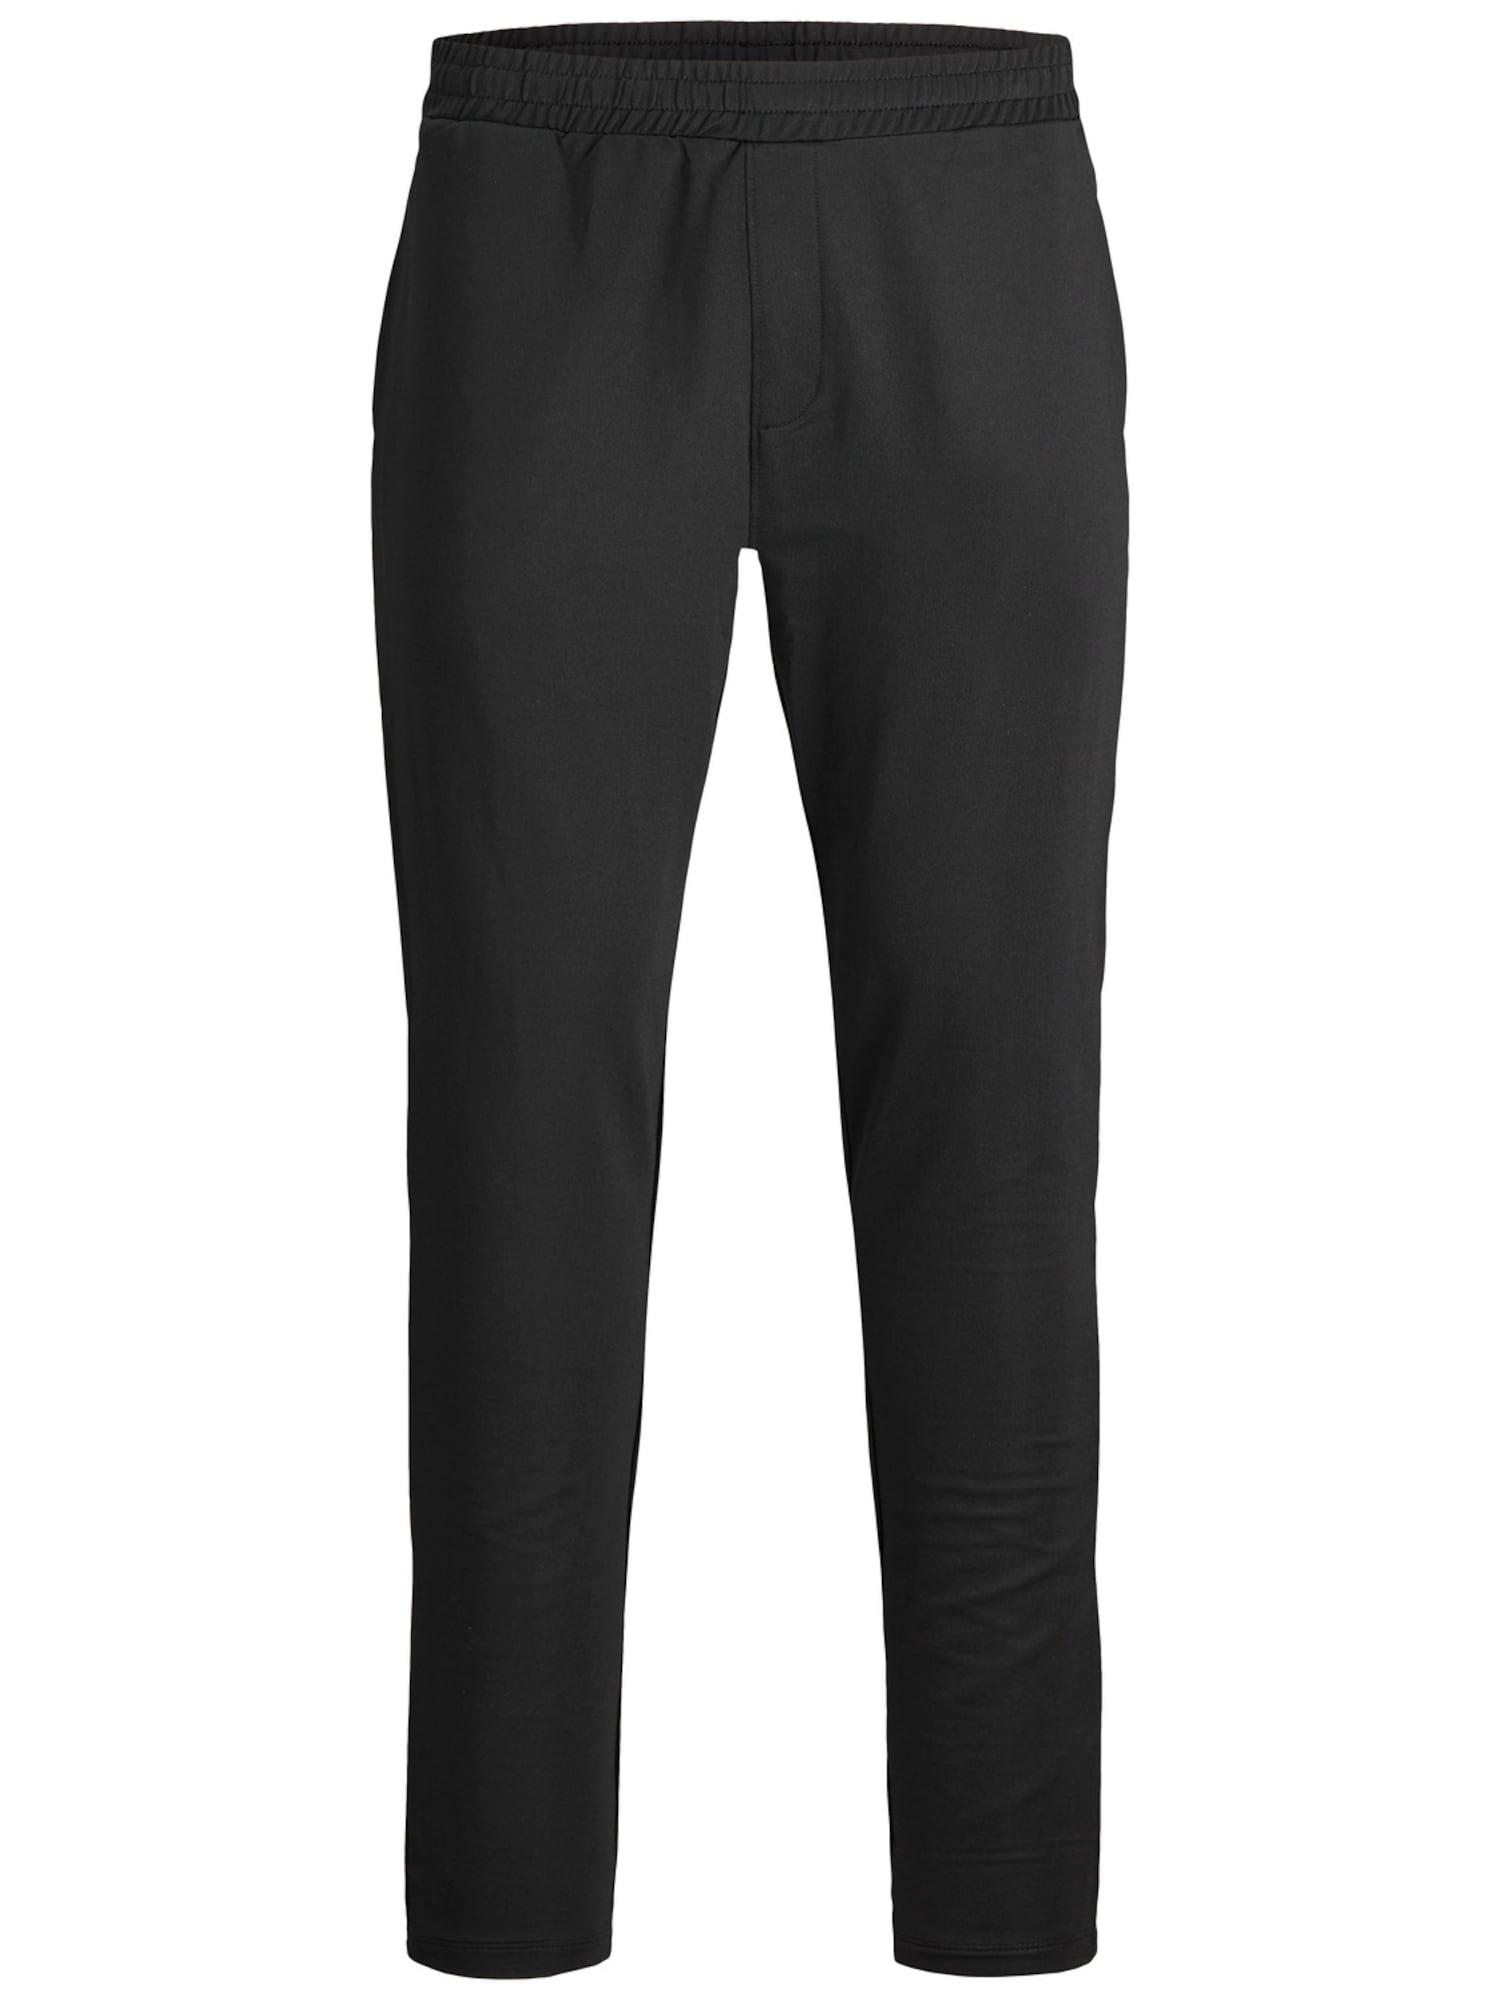 JACK & JONES Sportinės kelnės juoda / balta / raudona